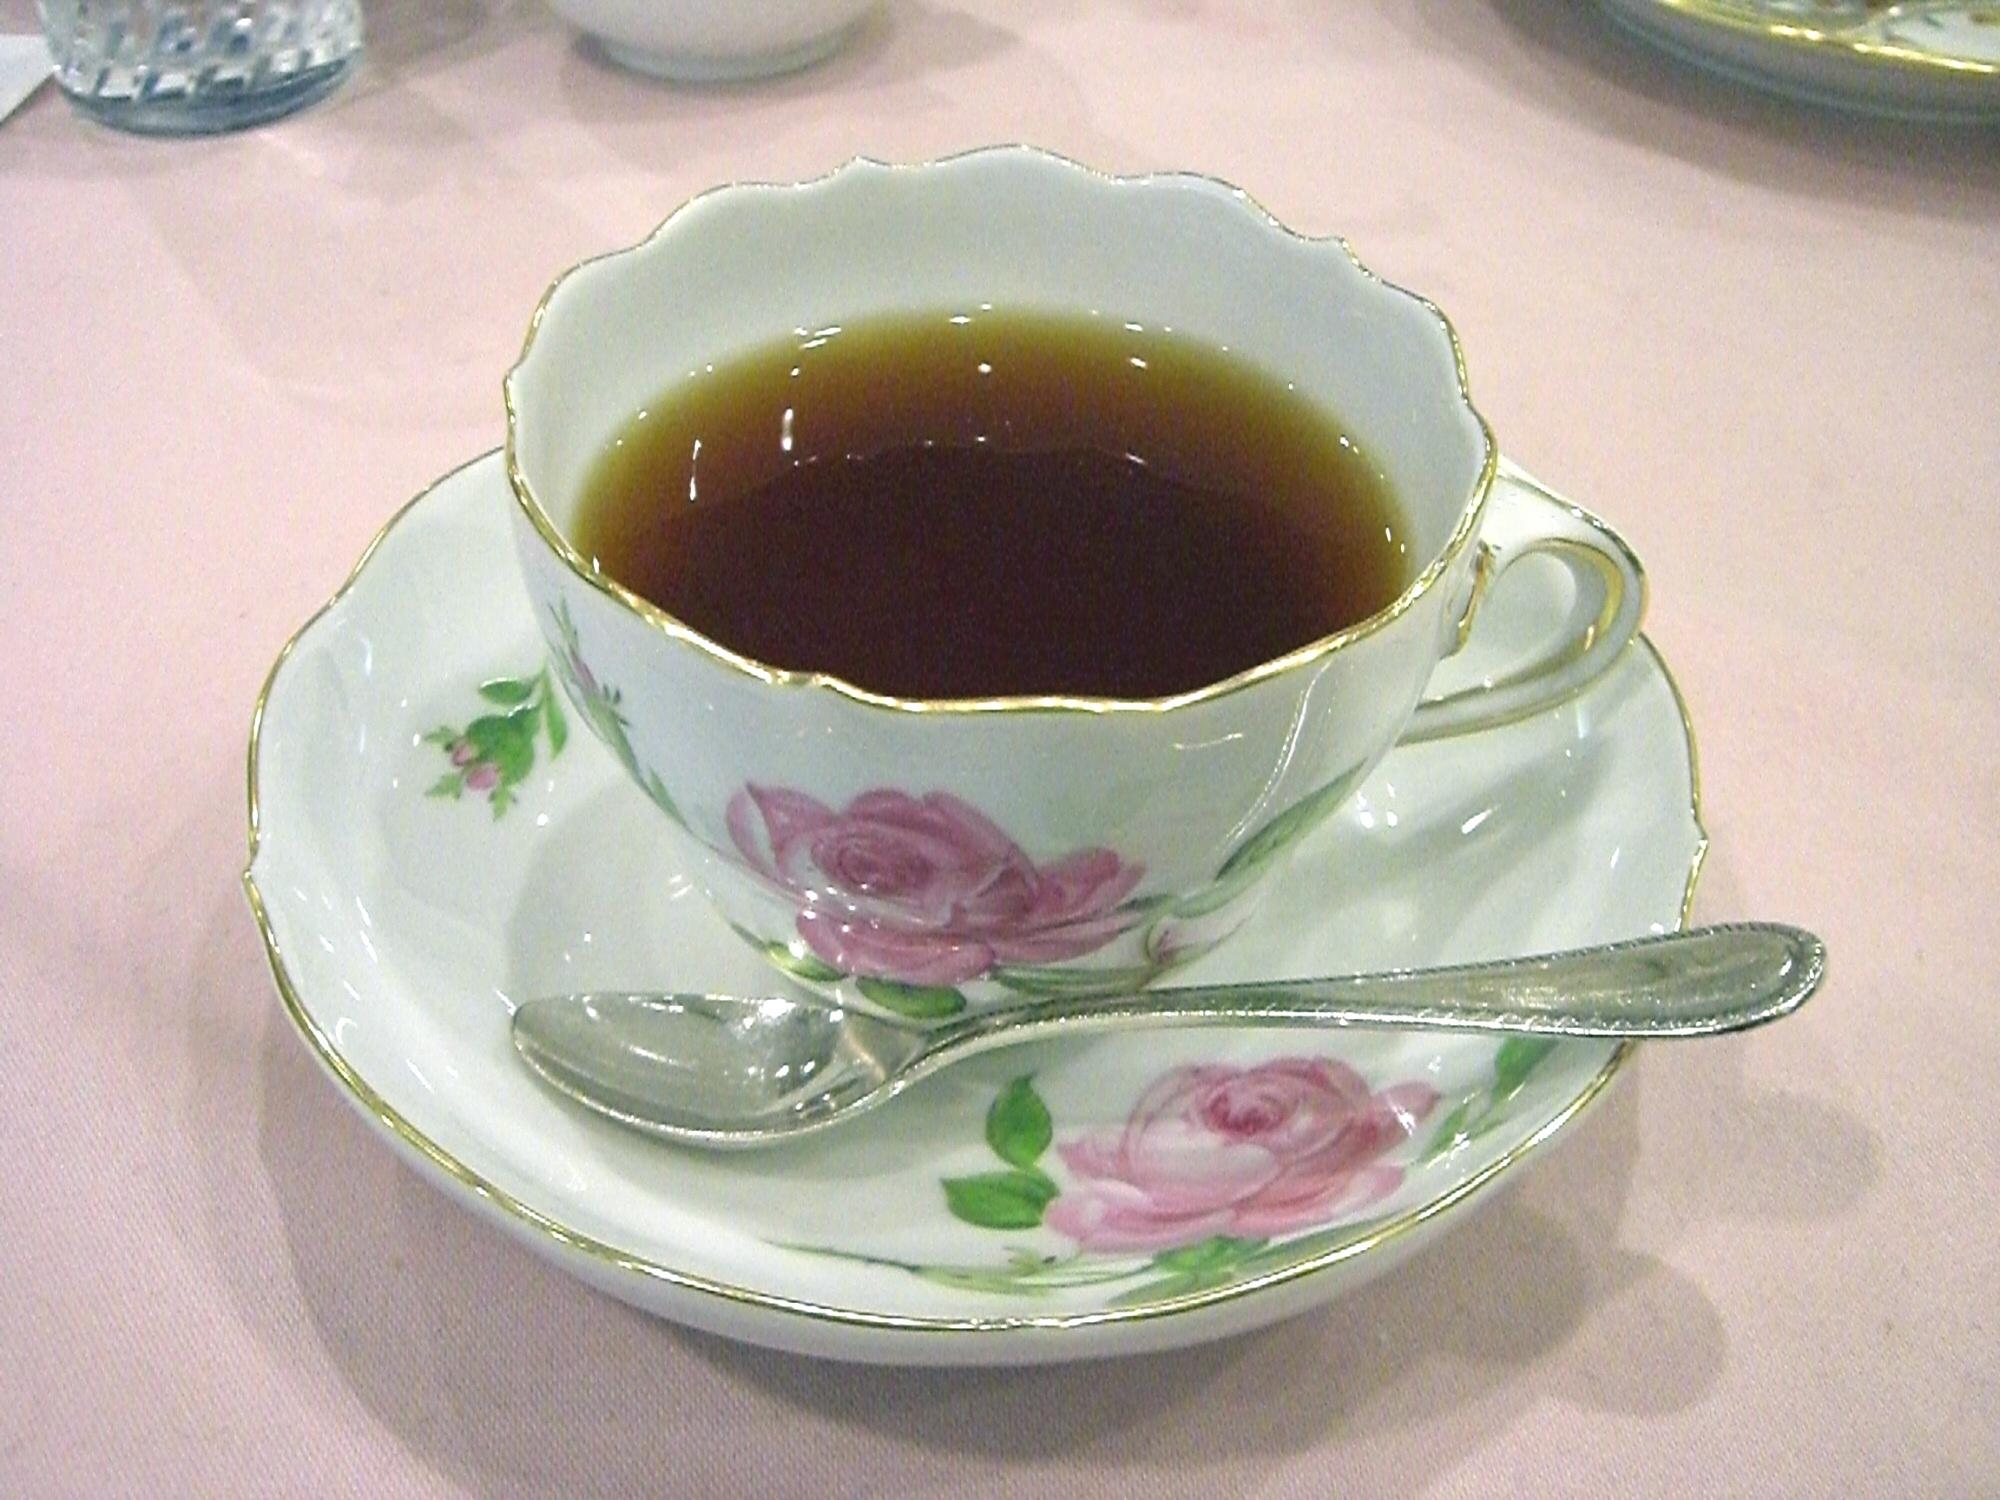 http://dic.academic.ru/pictures/wiki/files/77/Meissen-teacup_pinkrose01.jpg